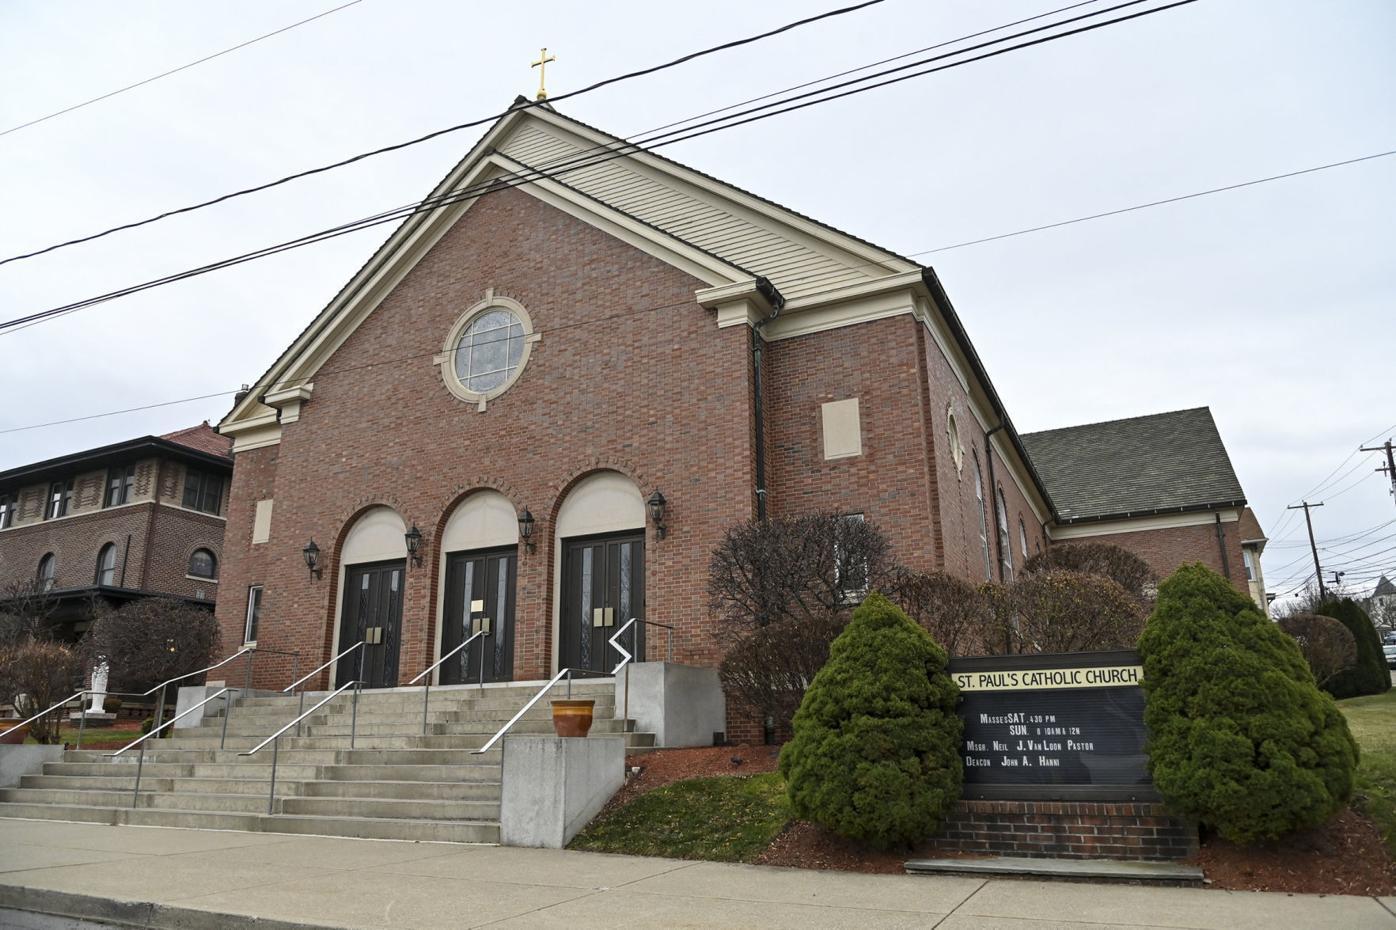 St. Paul's Catholic Church.